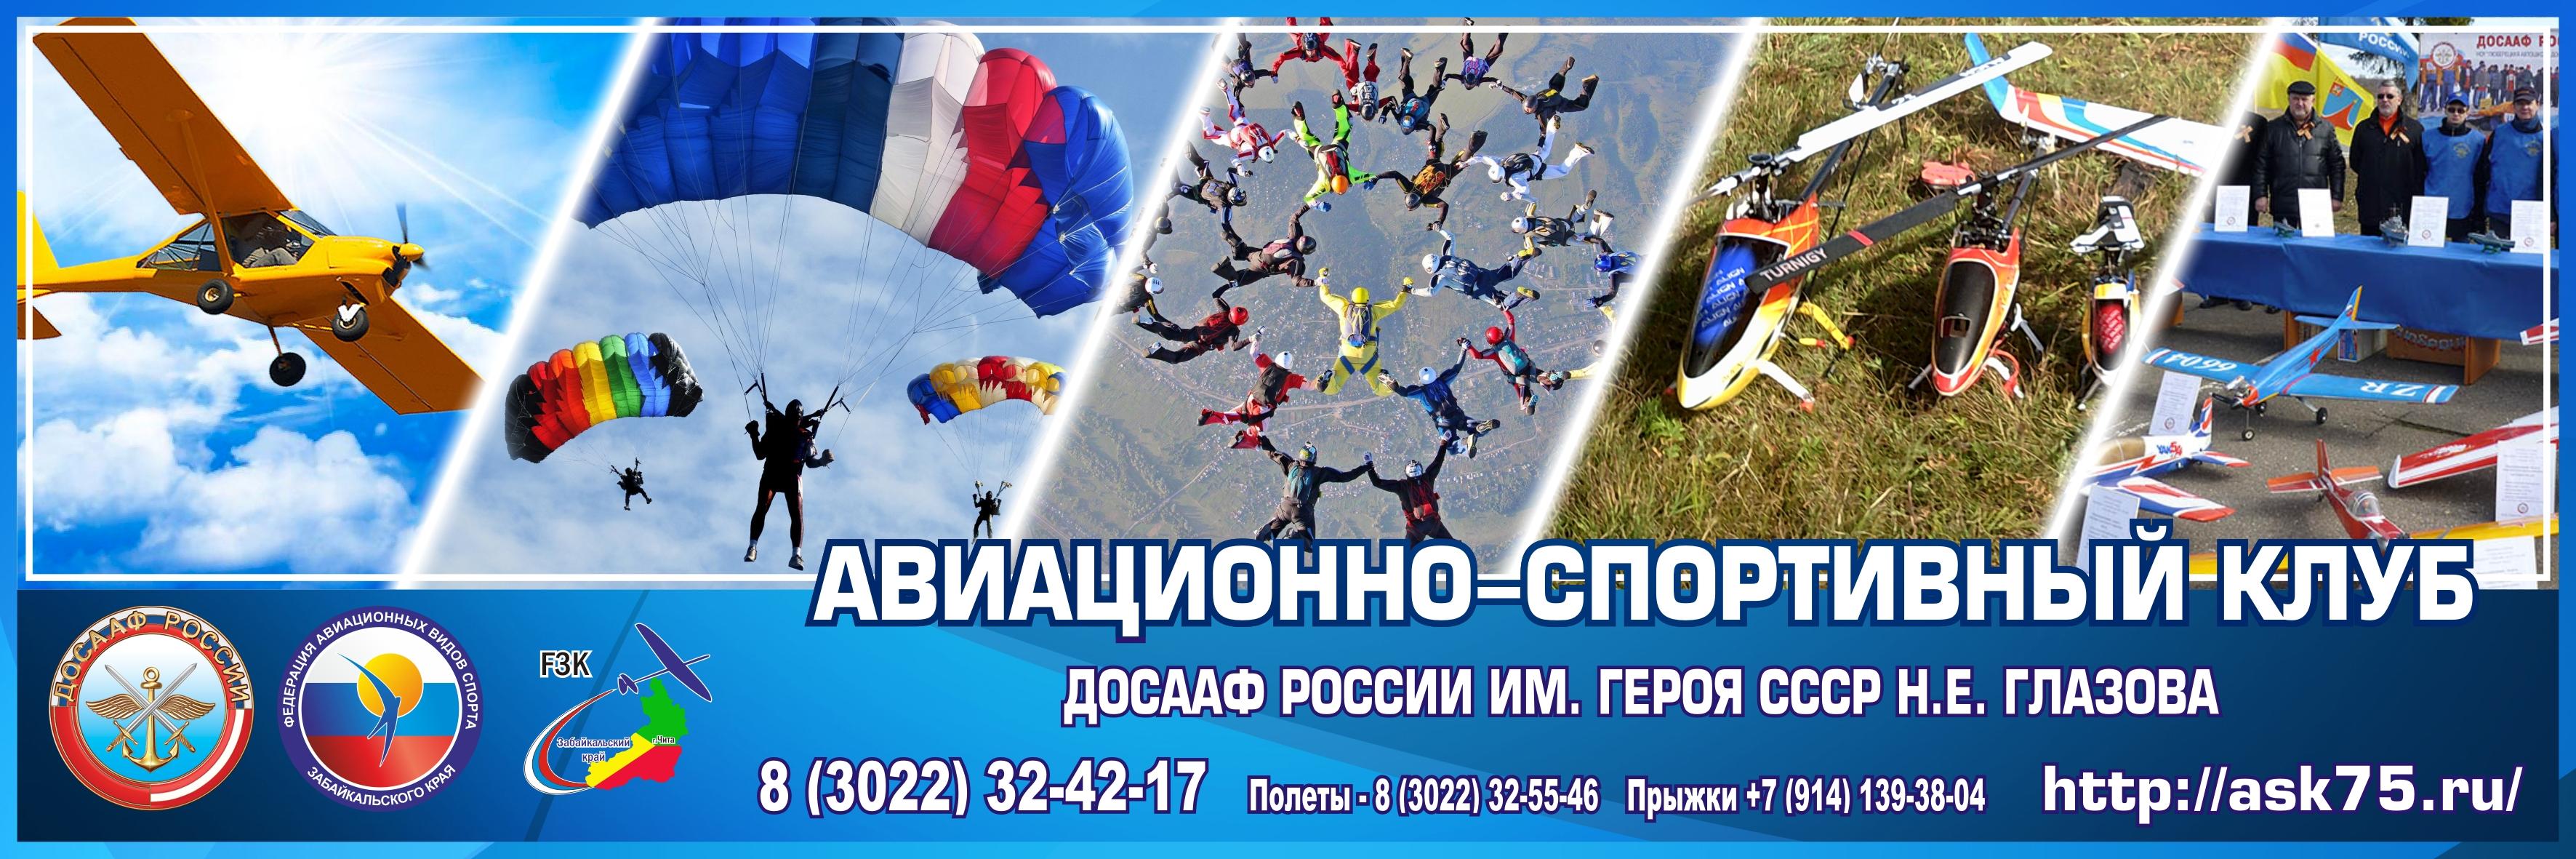 Читинский авиационно-спортивный клуб ДОСААФ России